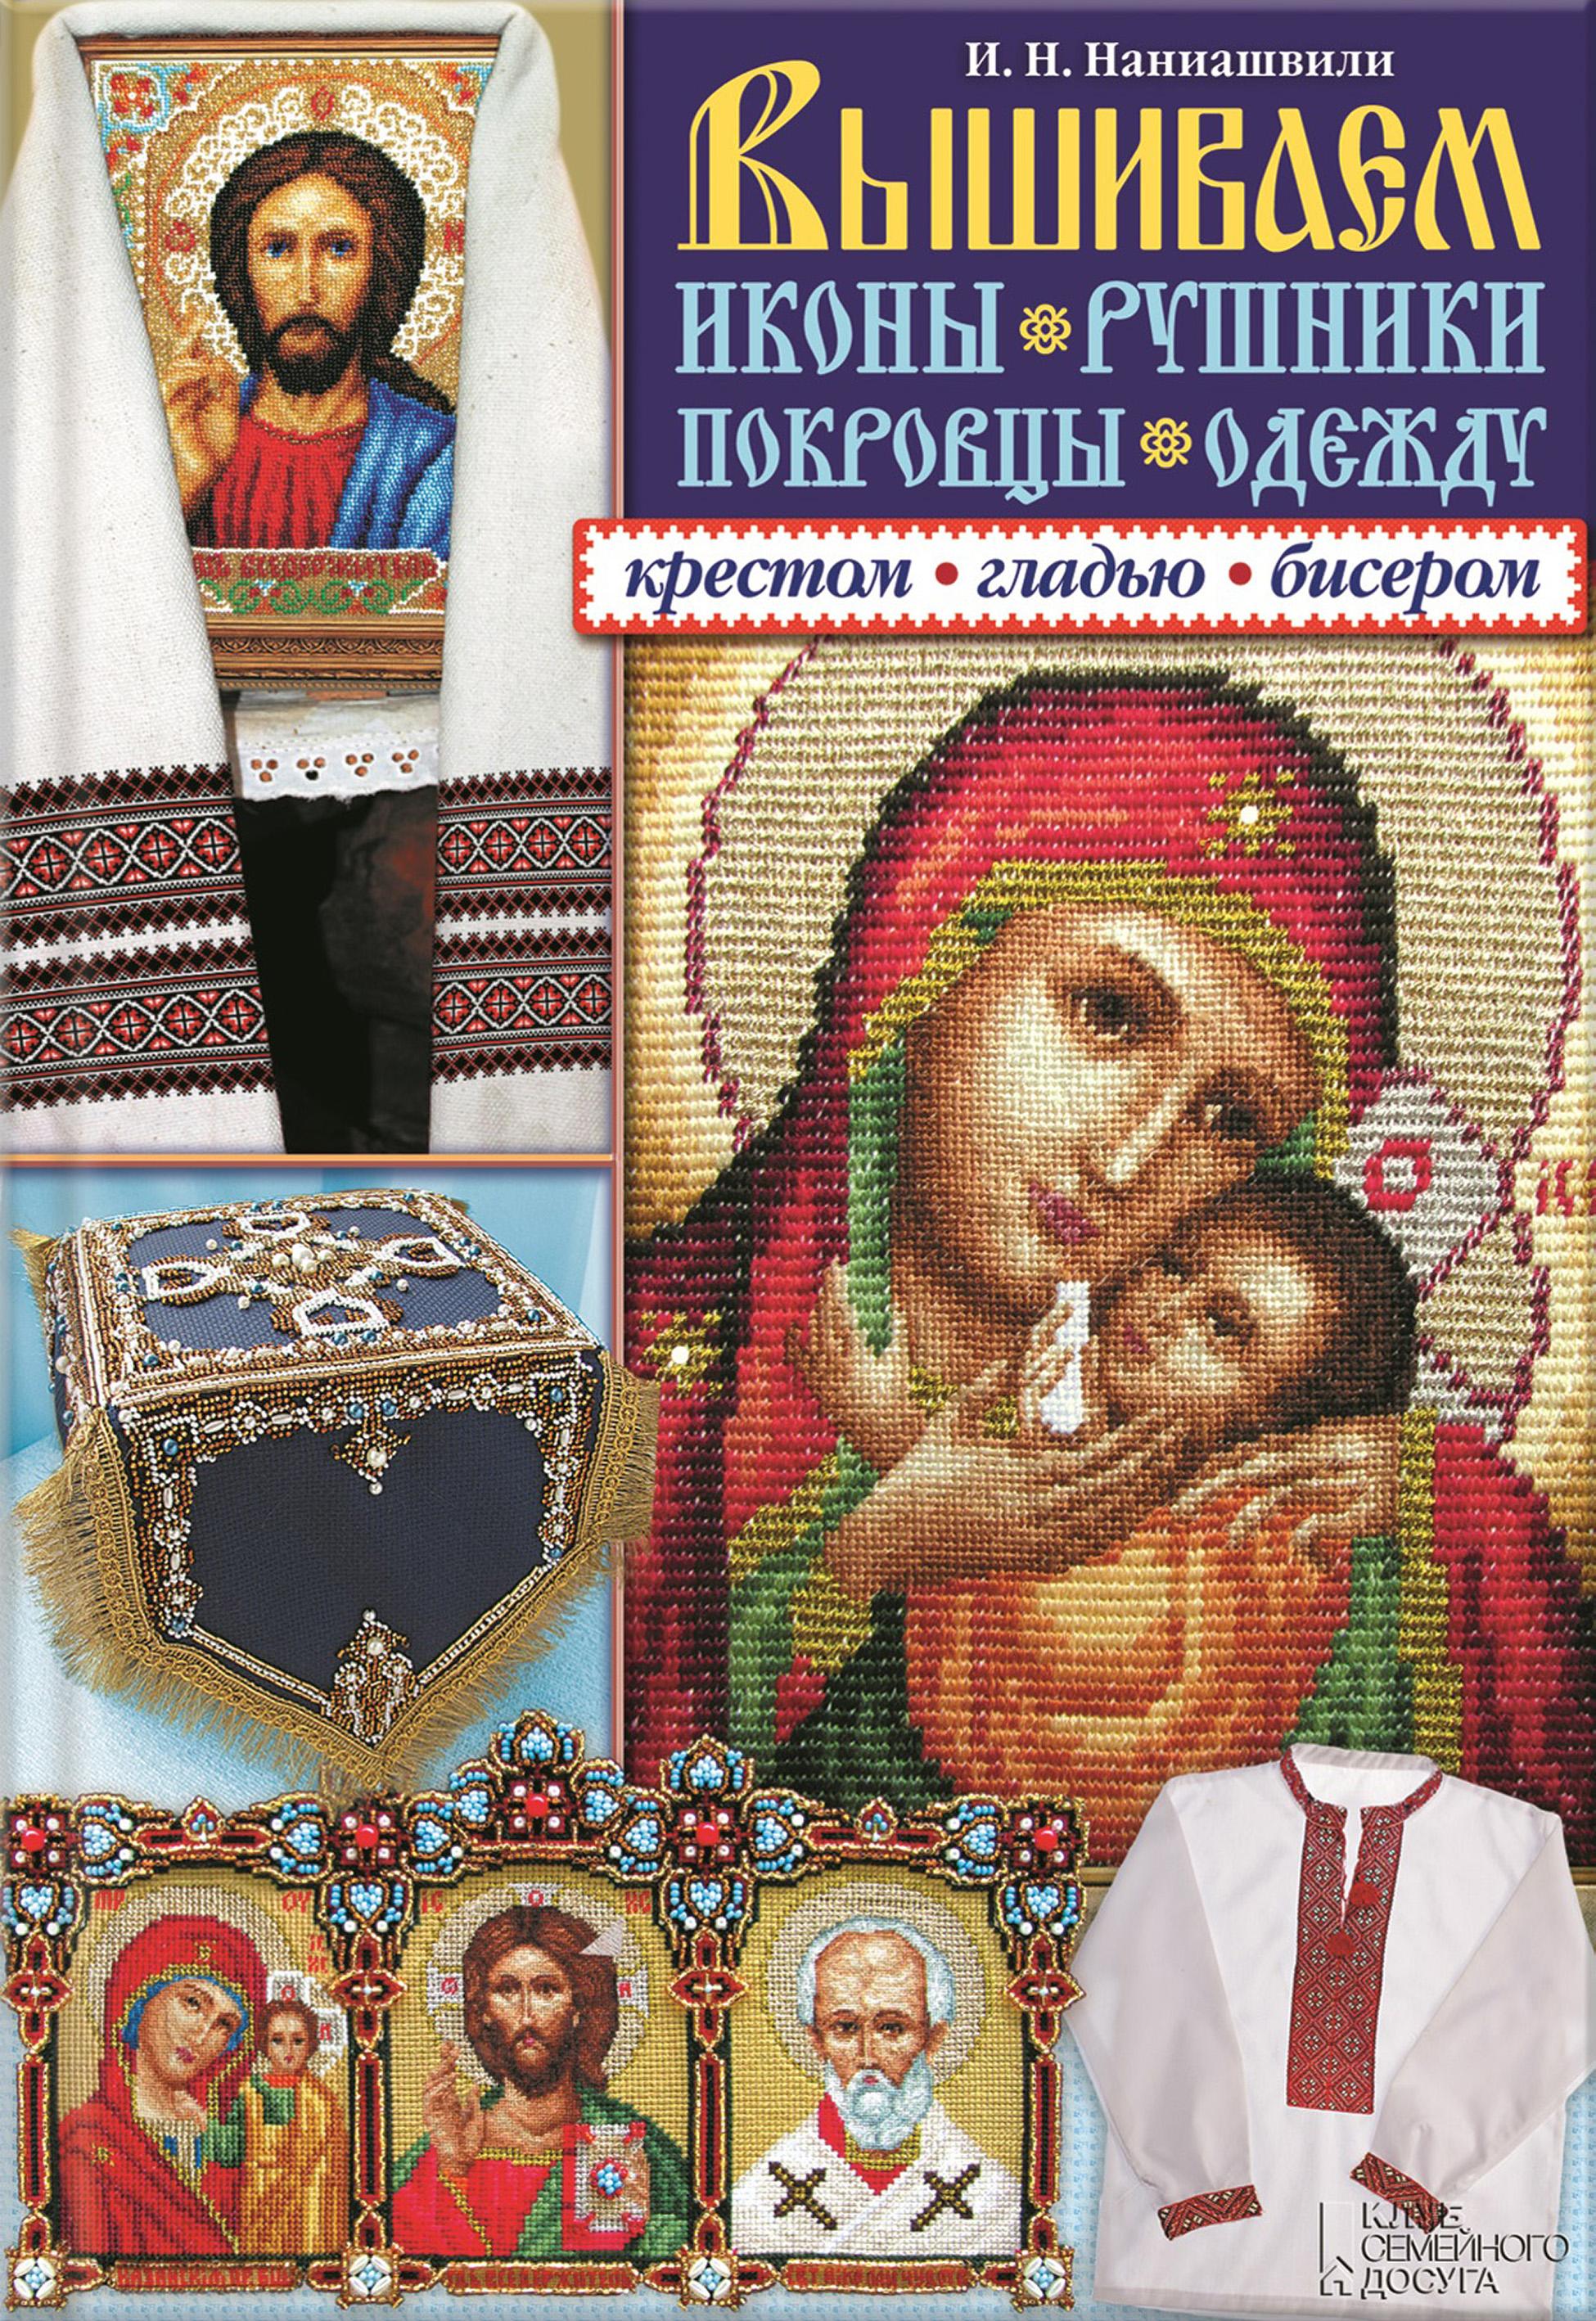 Ирина Наниашвили Вышиваем иконы, рушники, покровцы, одежду крестом, гладью, бисером